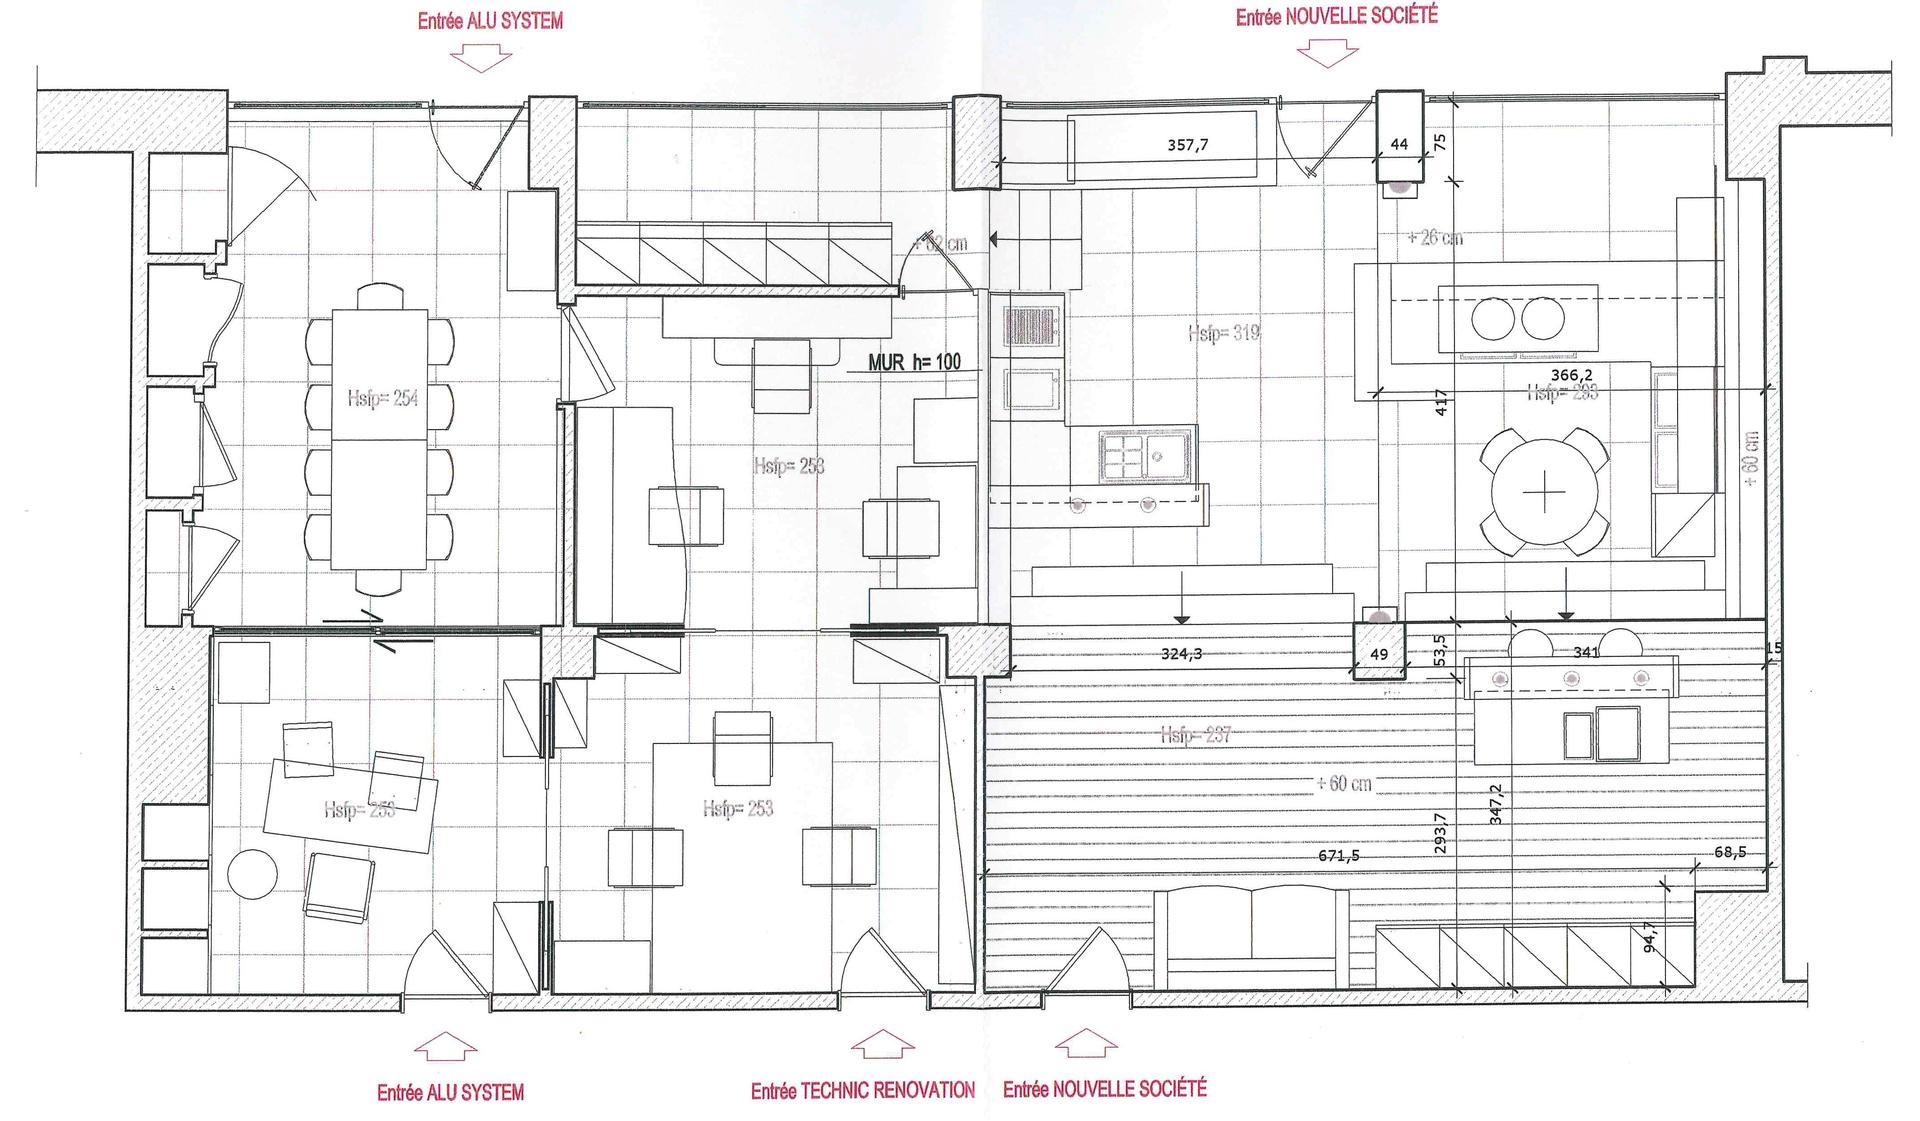 CARRE D'OR locale commerciale 130 m ² - 3 grandi finestre - Uffici in vendita a MonteCarlo